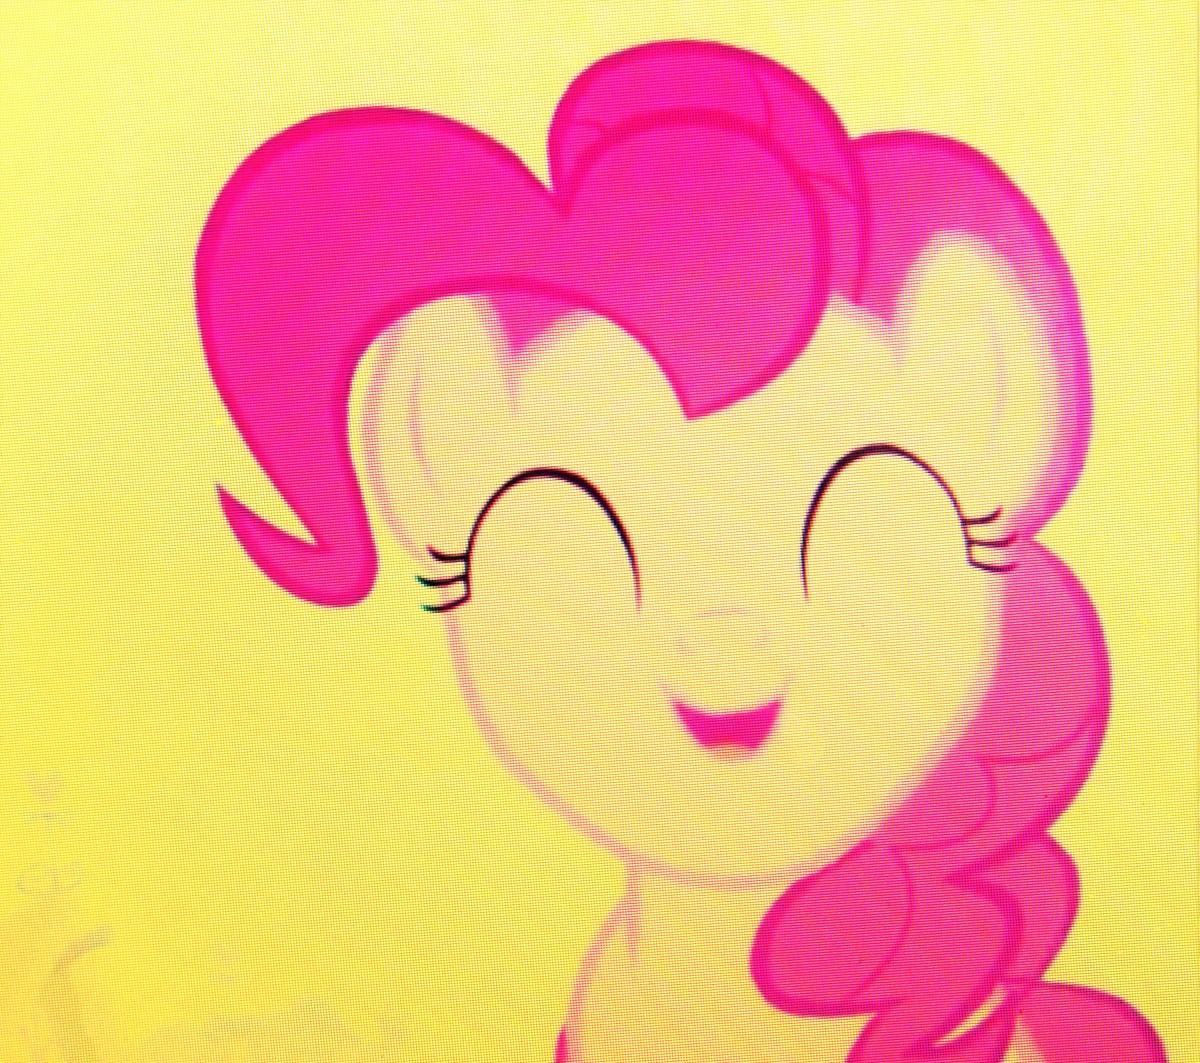 Top Ten My Little Pony Songs